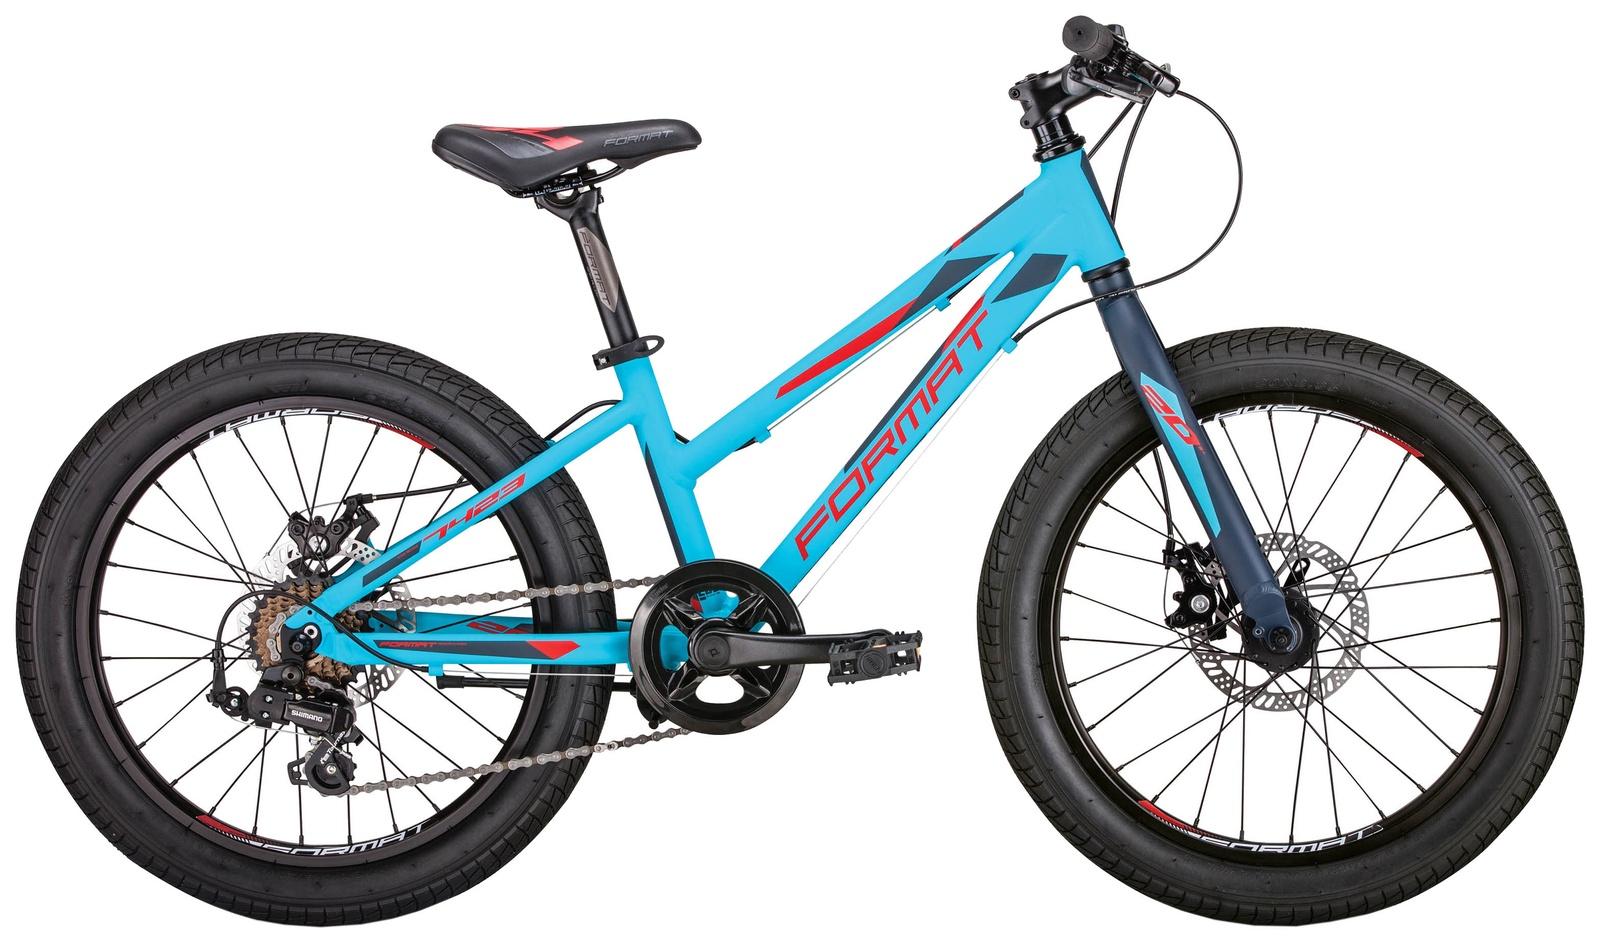 Велосипед Format 7423, RBKM9J607004, бирюзовый